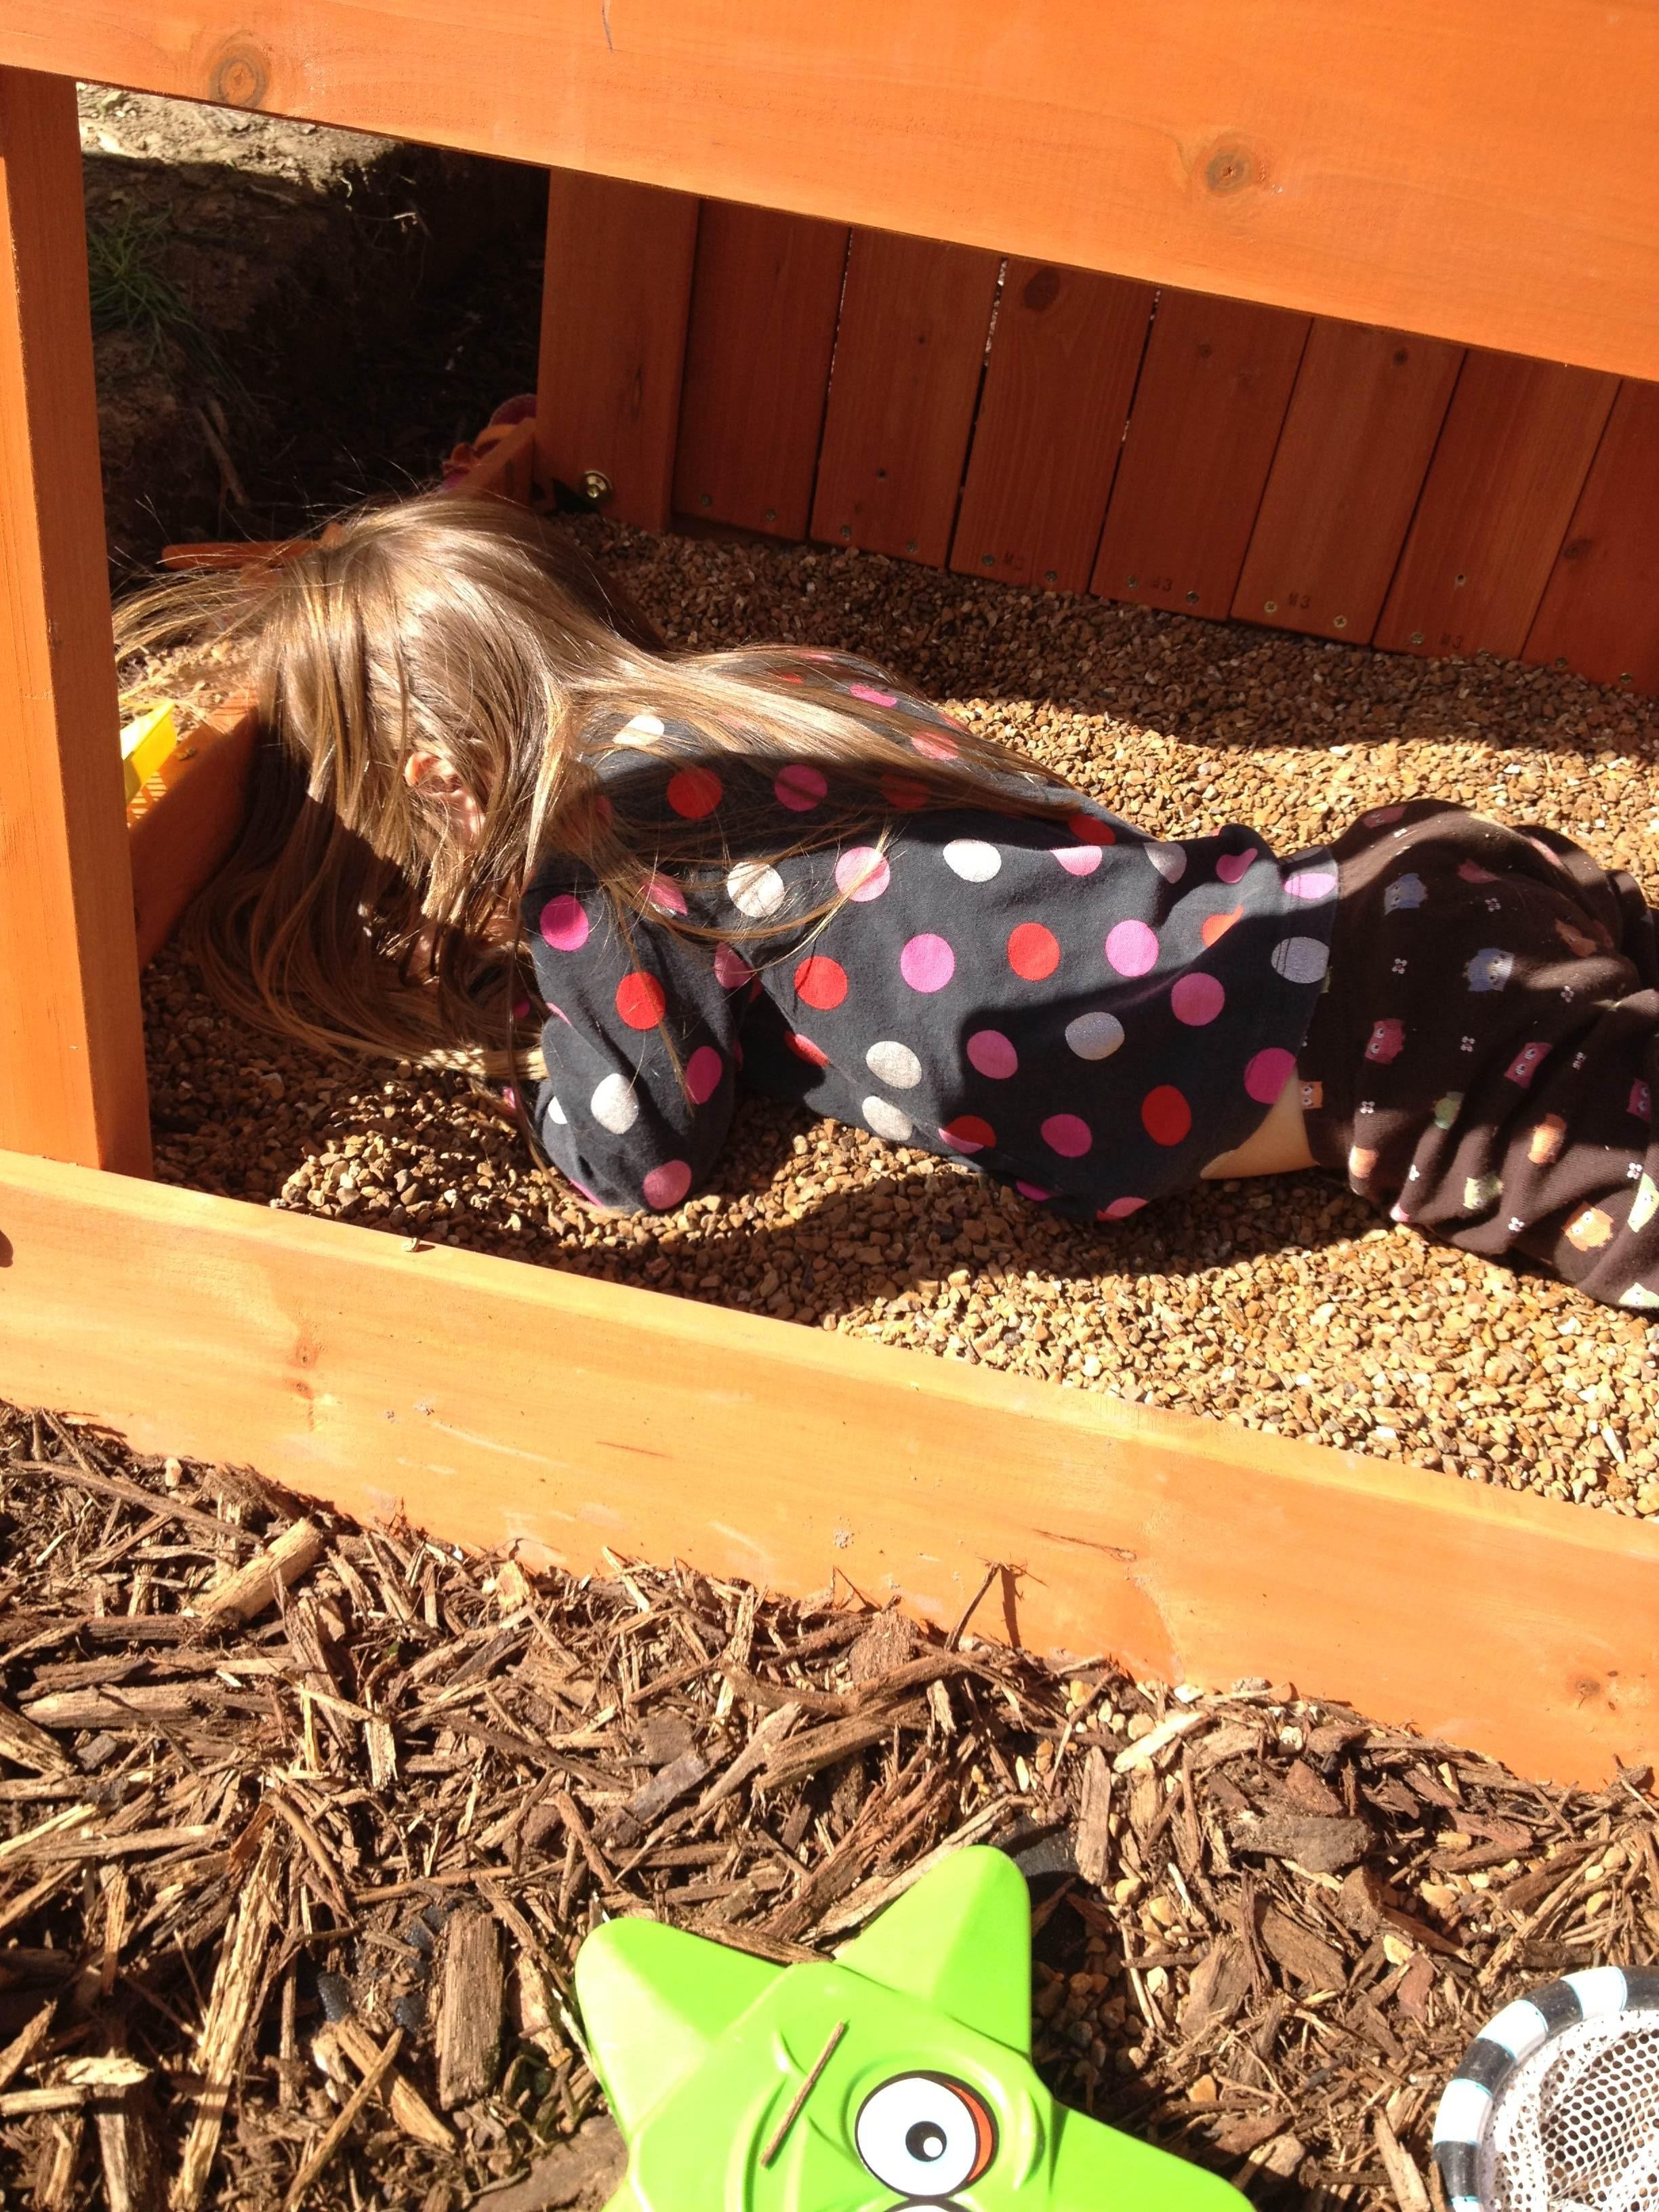 Child asleep in sandbox